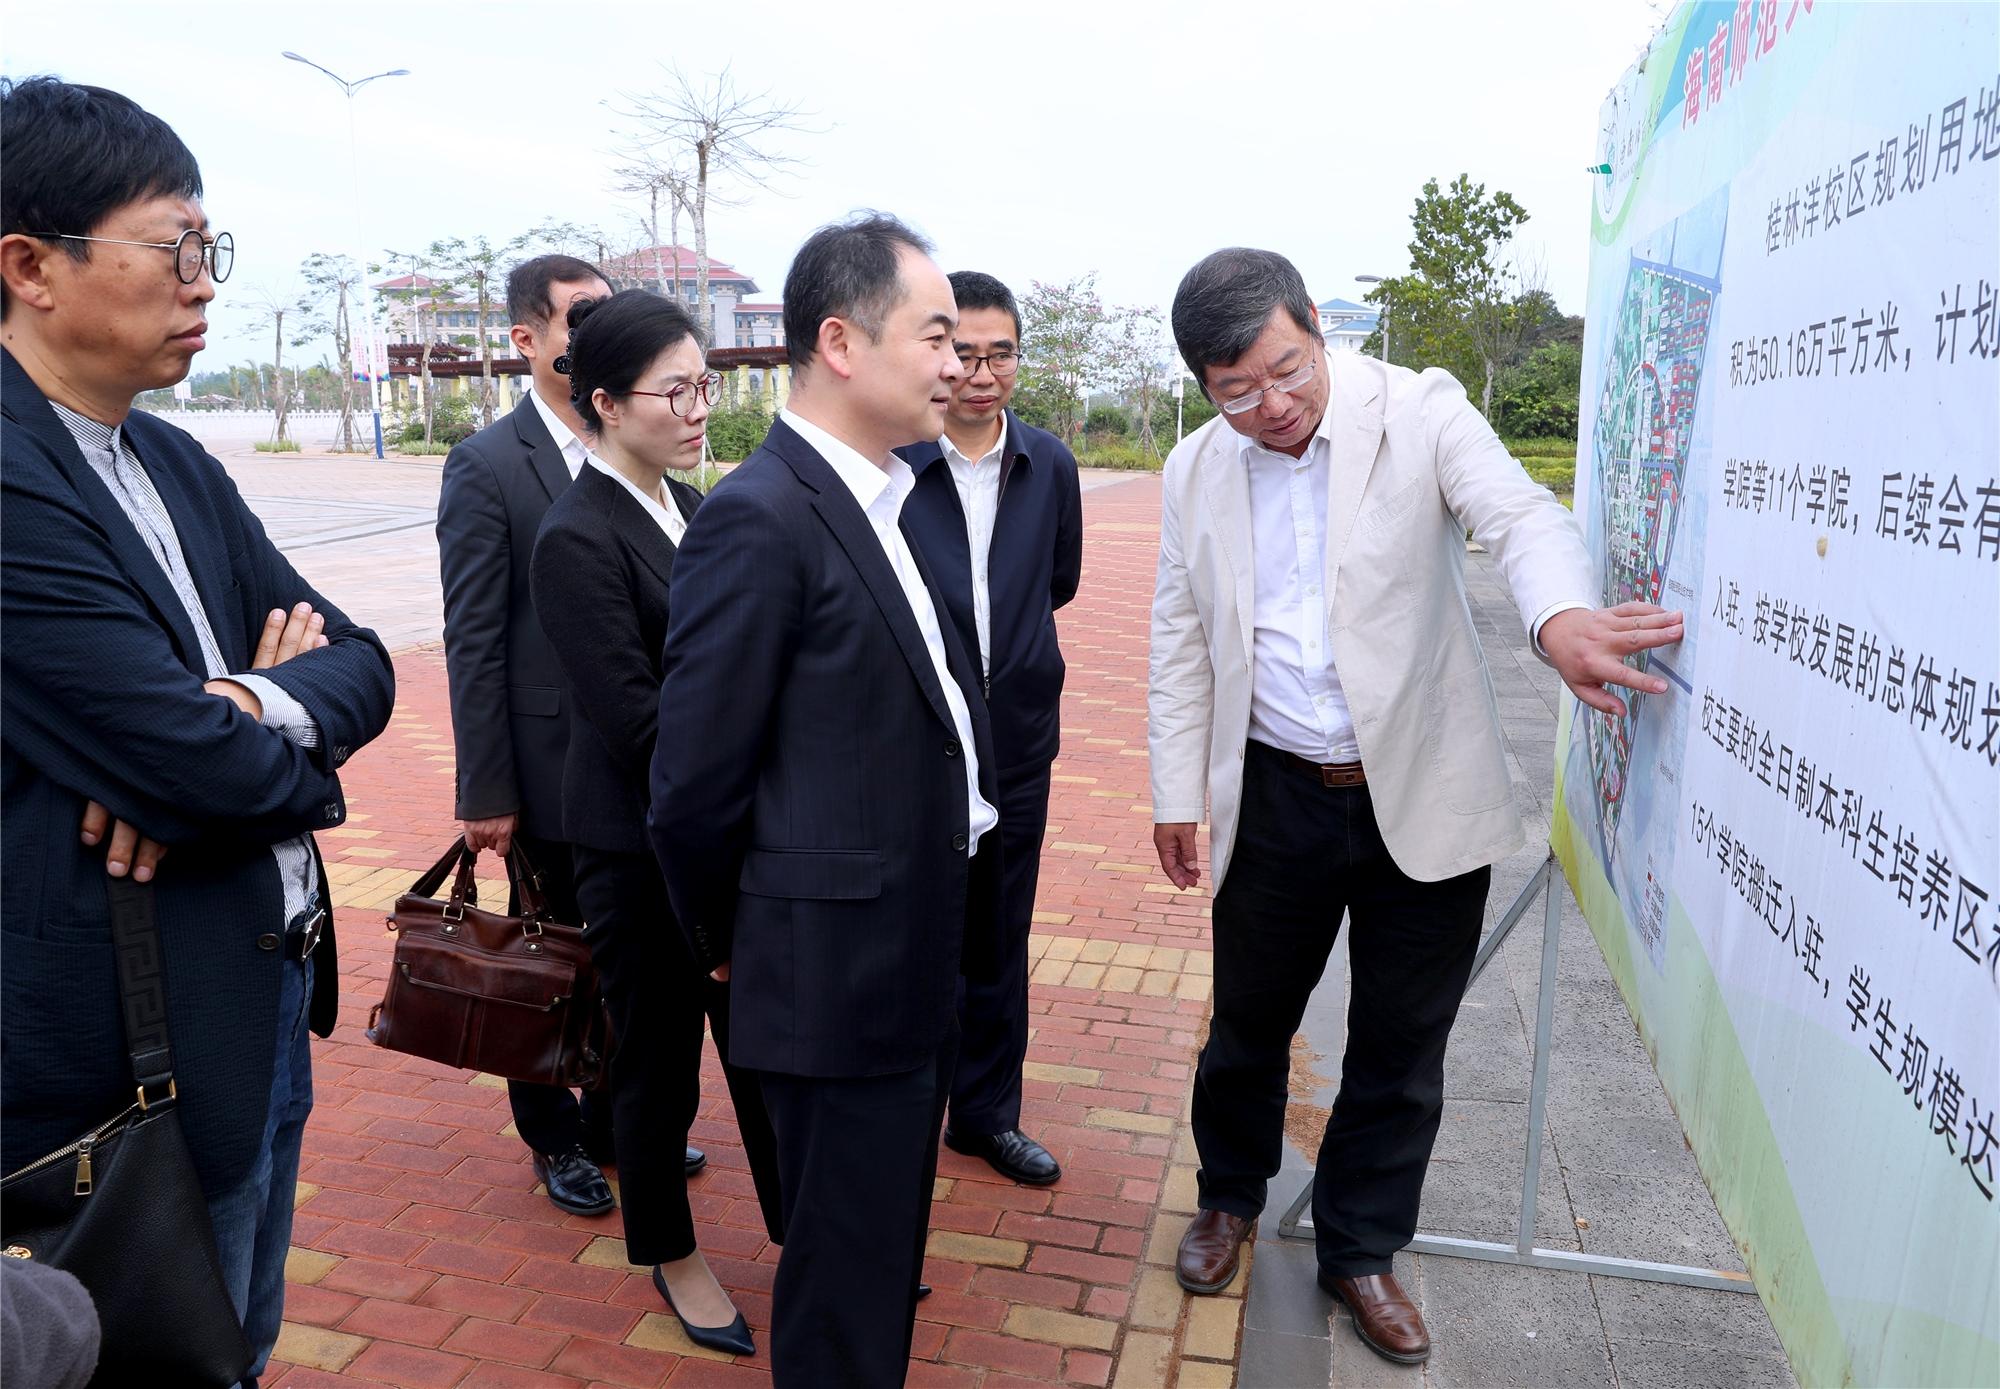 中国文物协会、台湾优势产业对外合作委员会参访团一行考察时时彩苹果版注册桂林洋校区